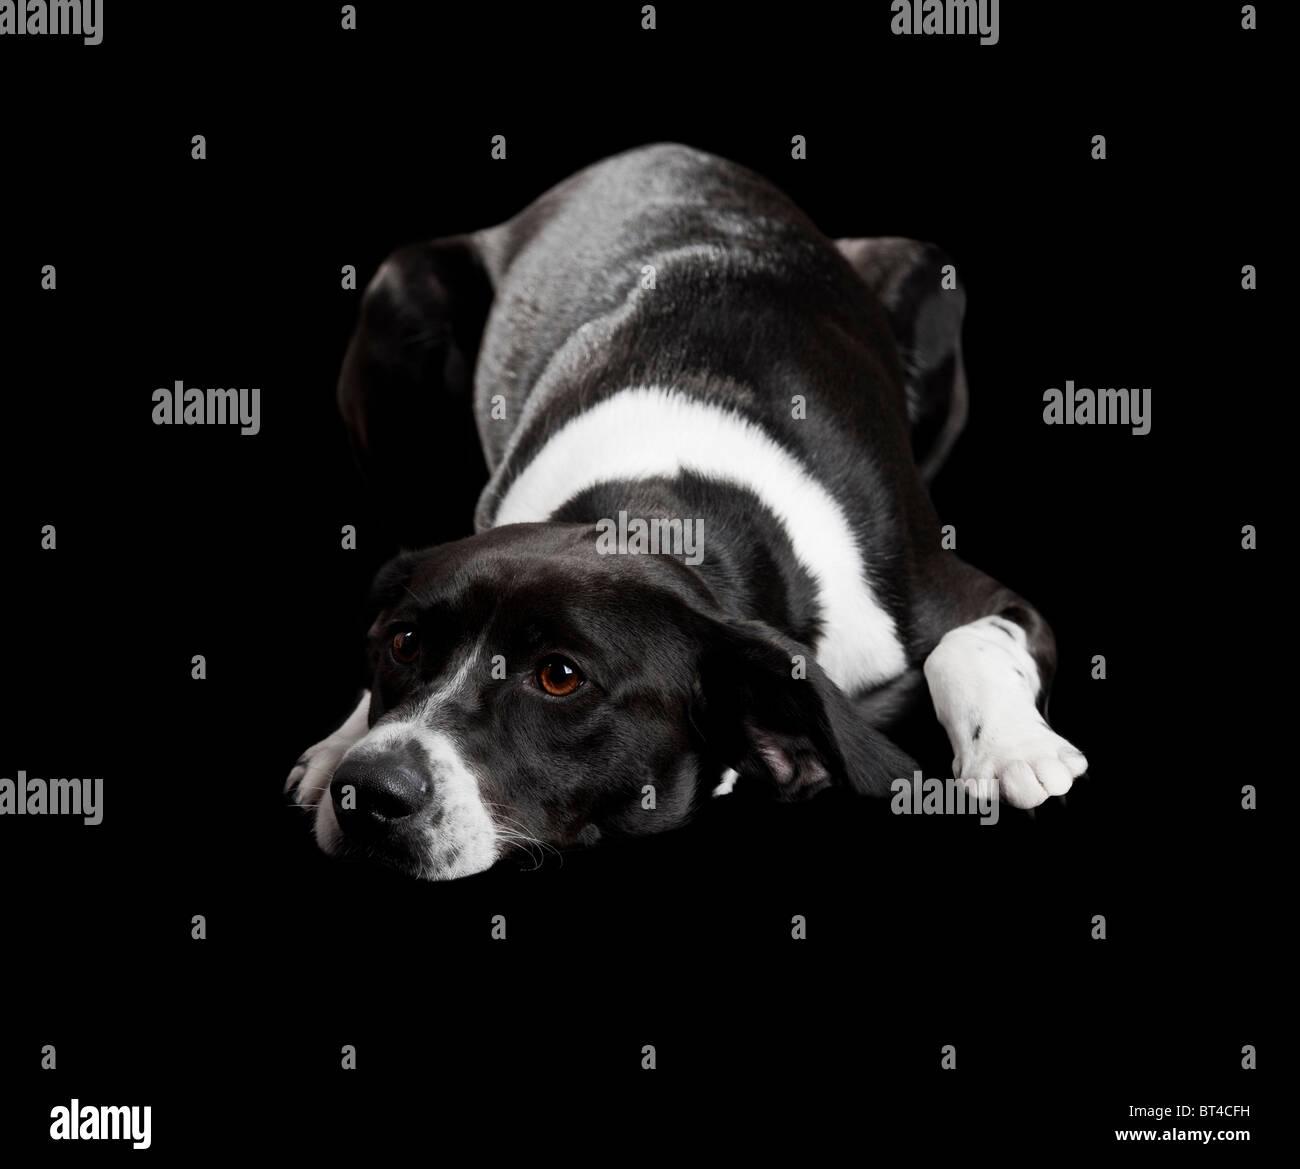 Hermoso perro tumbado en el suelo con una mirada triste, aislado sobre negro Imagen De Stock